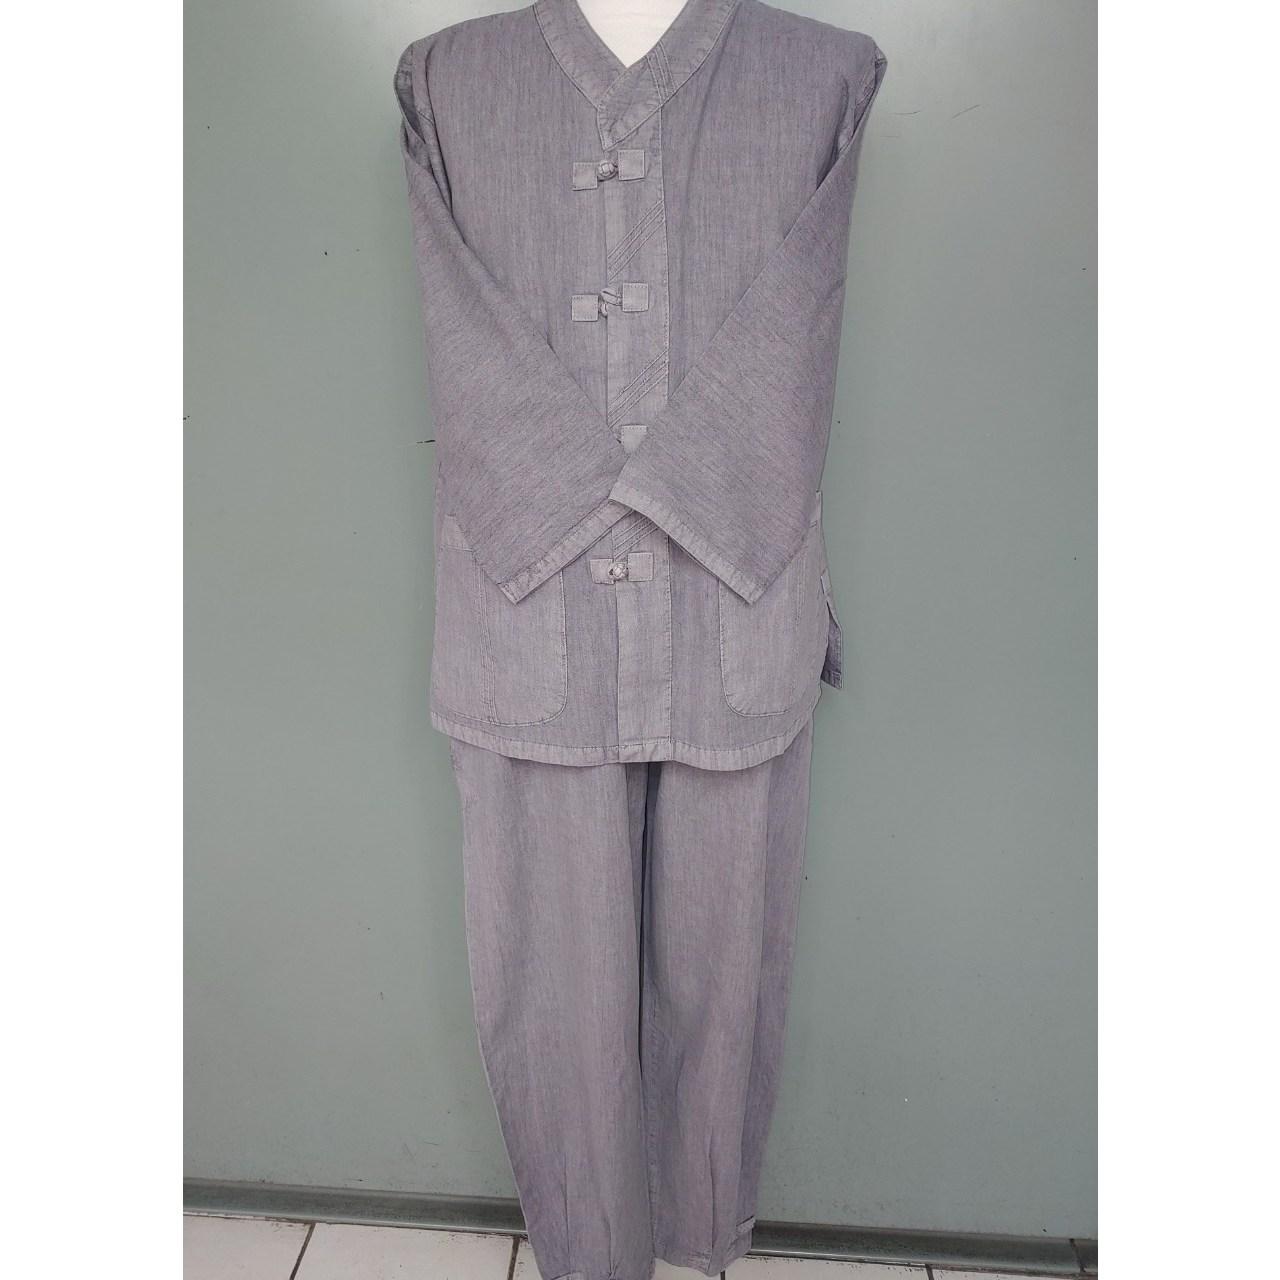 대신승복 30수 저고리바지(여름옷) 7부소매 여름옷 하복 단체복 승복 법복 편한옷 남자개량한복